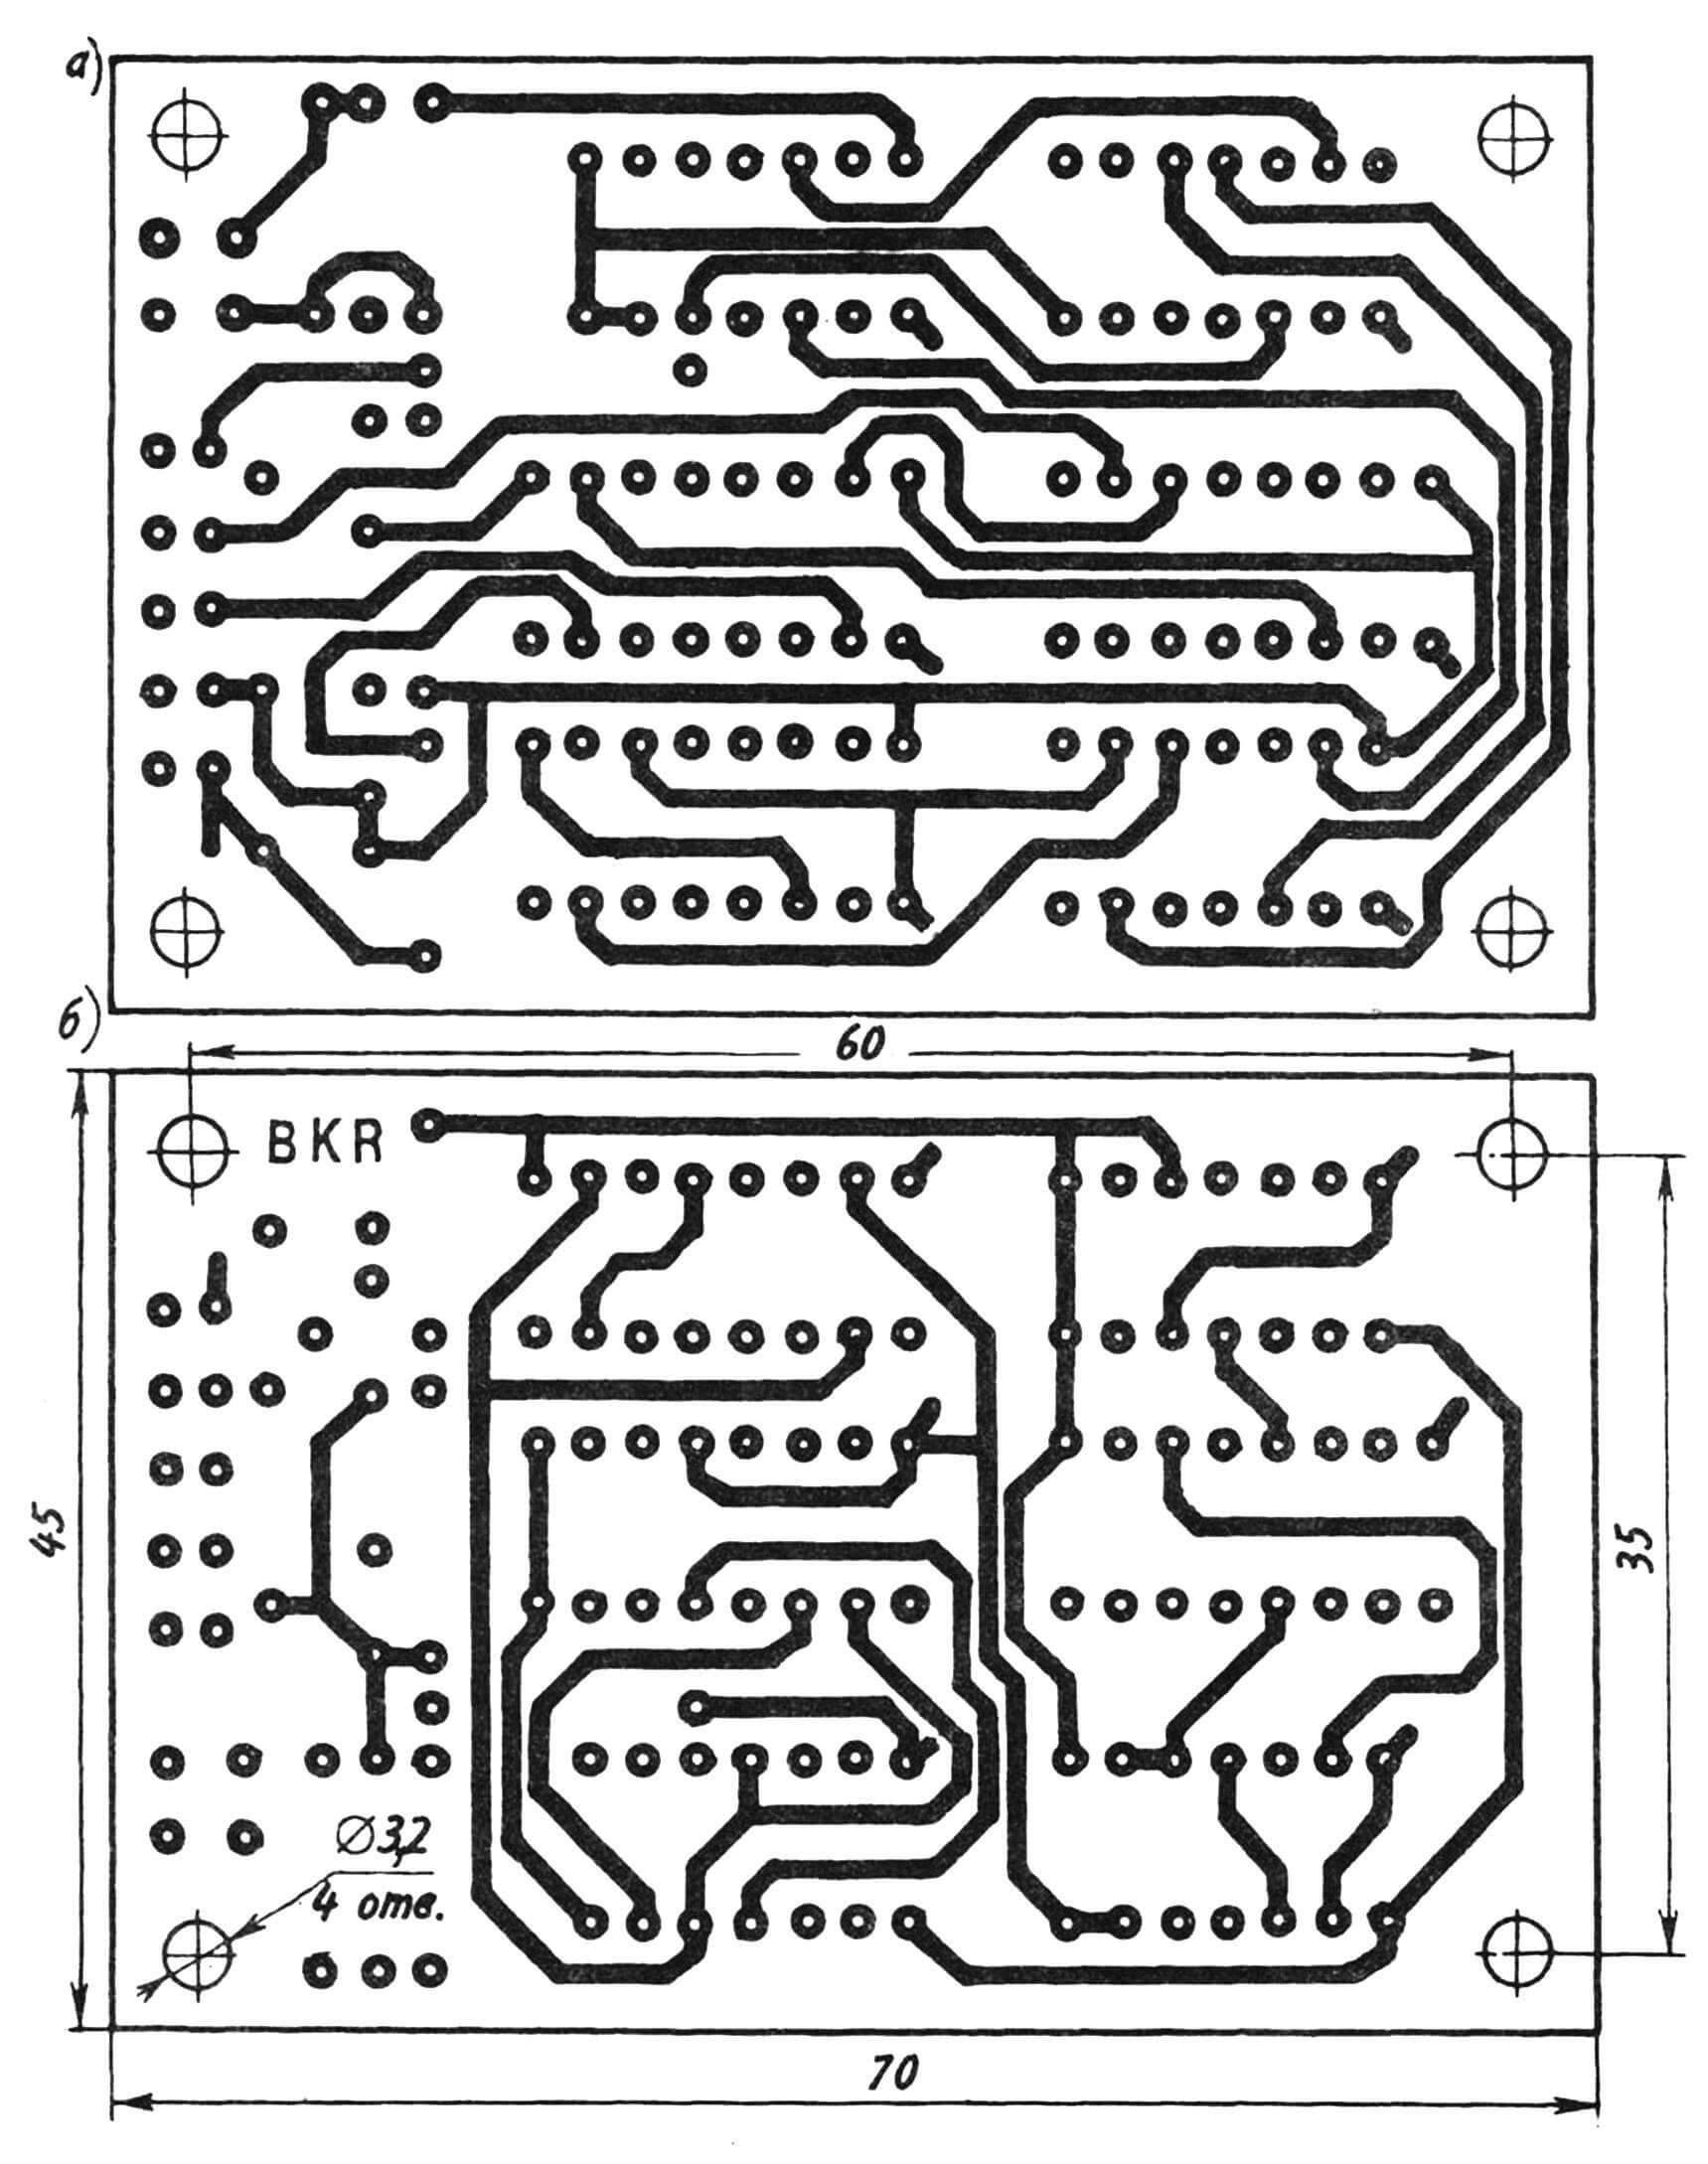 Рис. 3. Топология печатной платы со стороны пайки (а) и расположения радиоэлементов (б).